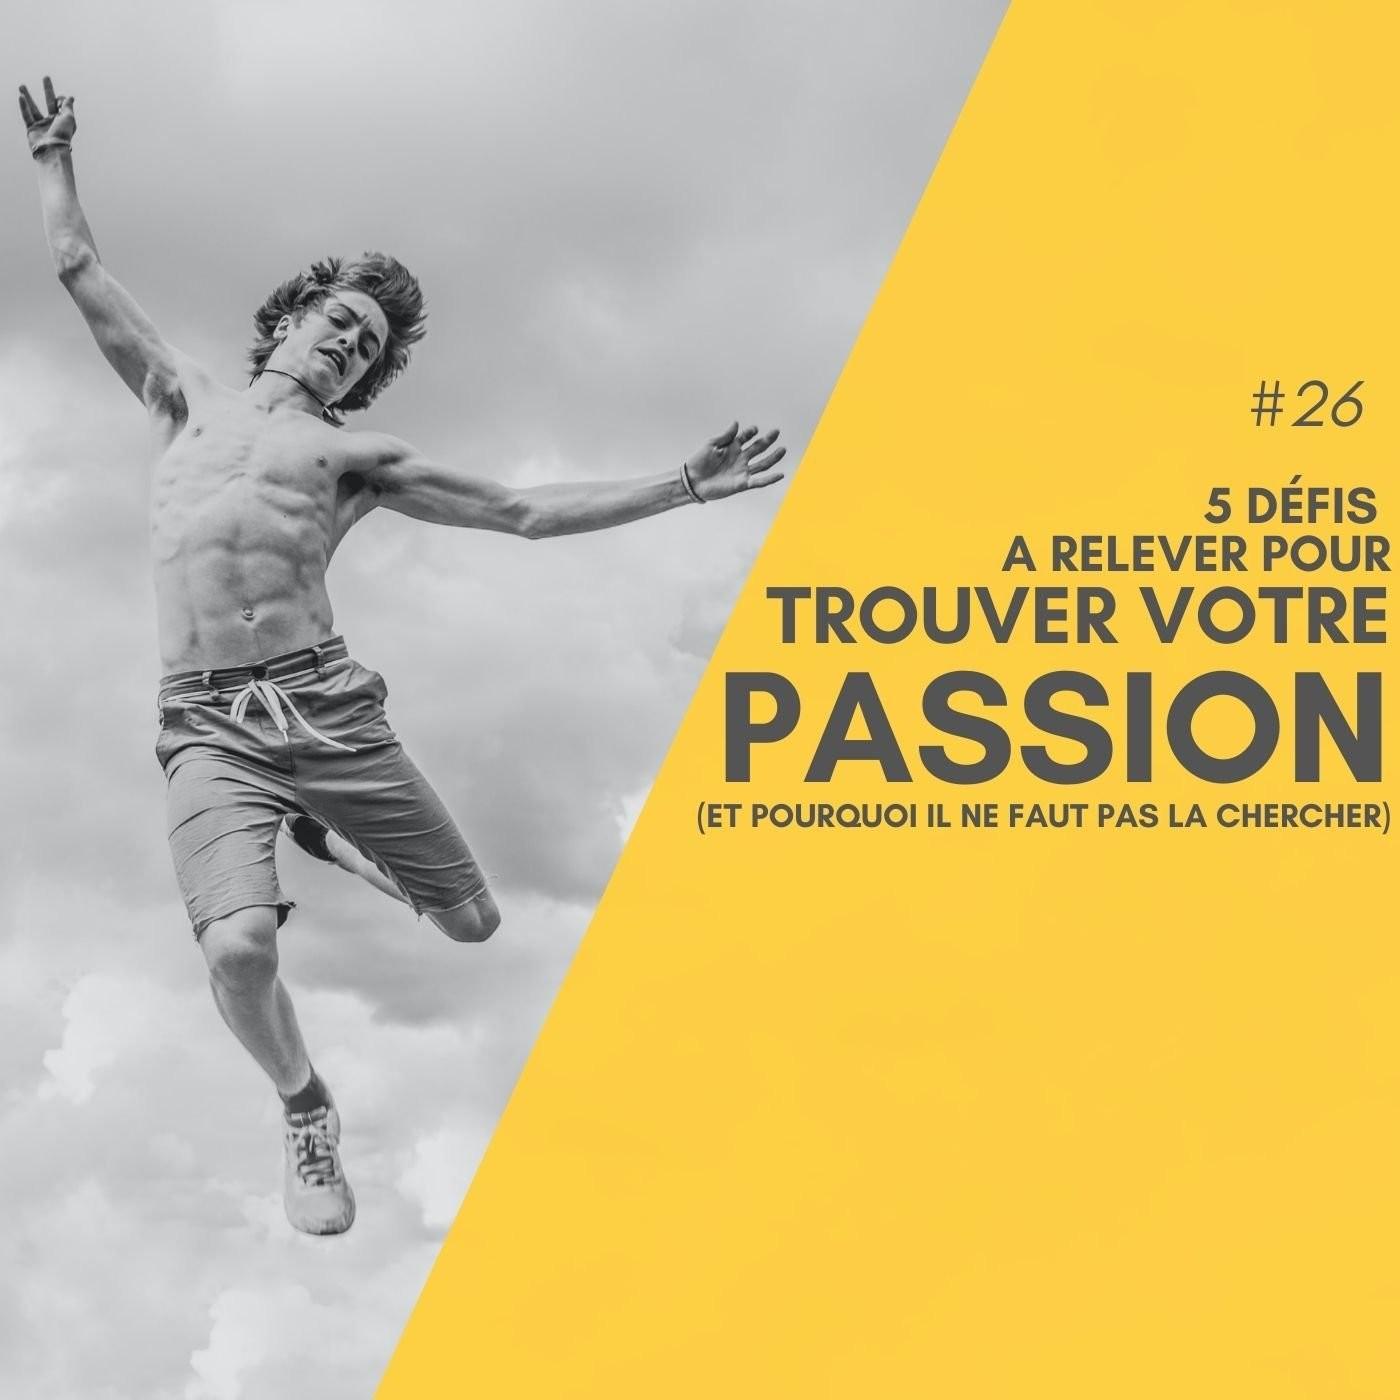 #26 Tuto - 5 défis pour trouver votre passion ...